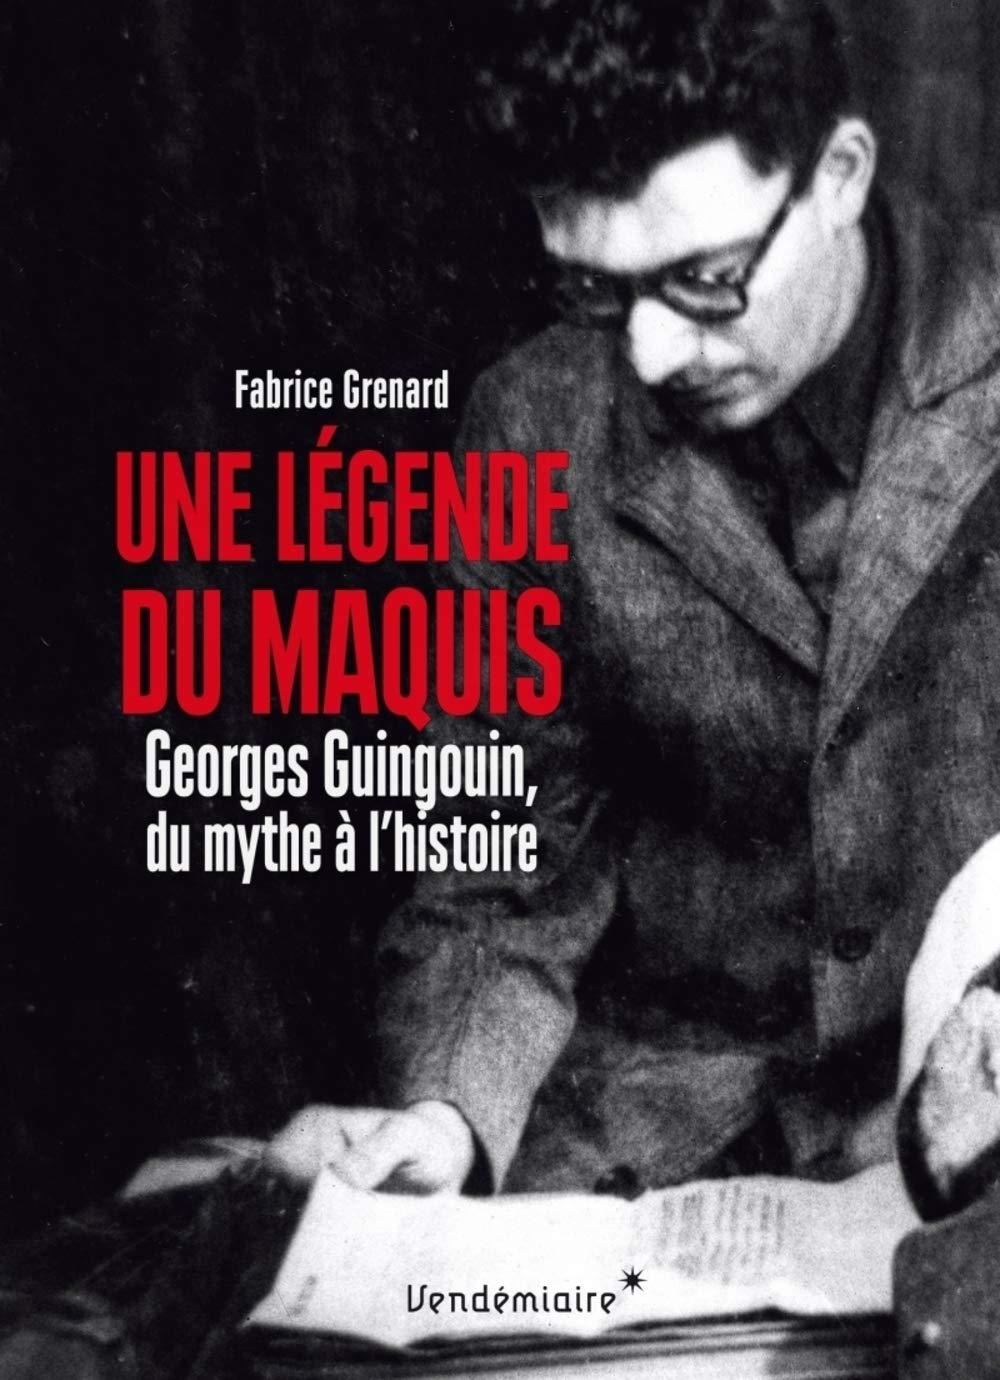 Une légende du maquis (Chroniques): Amazon.es: Grenard, Fabrice: Libros en idiomas extranjeros